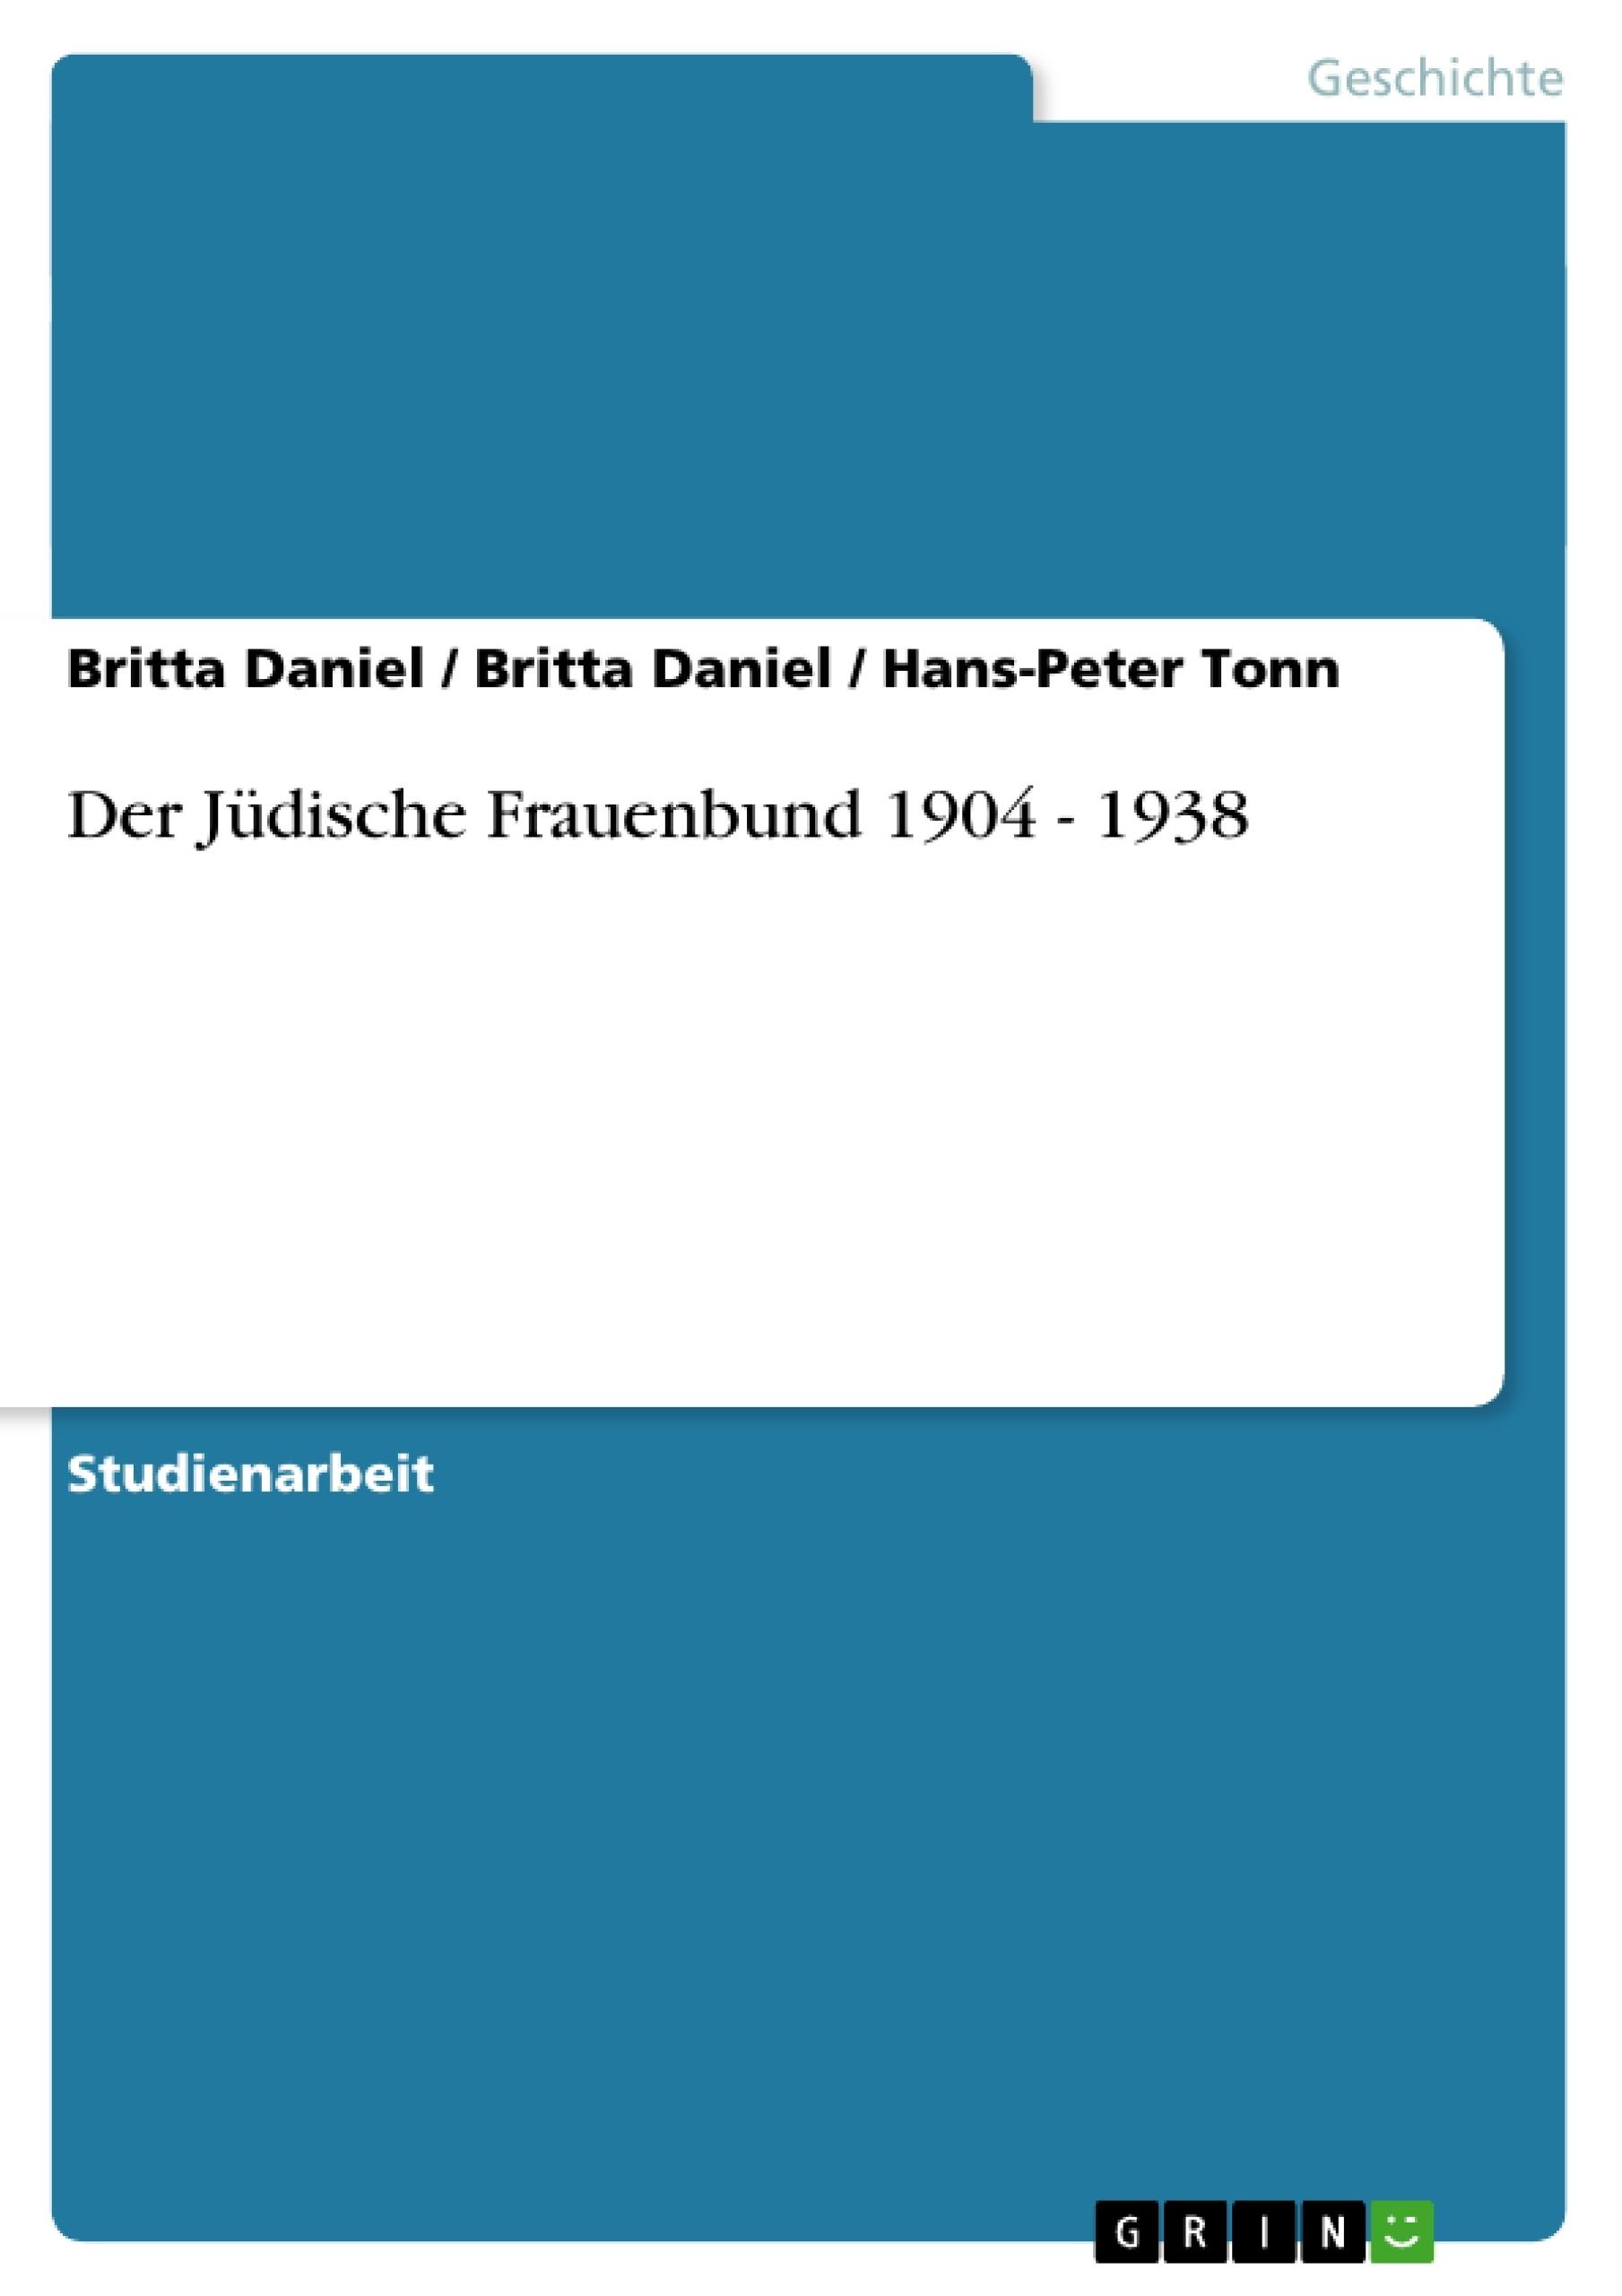 Titel: Der Jüdische Frauenbund 1904 - 1938